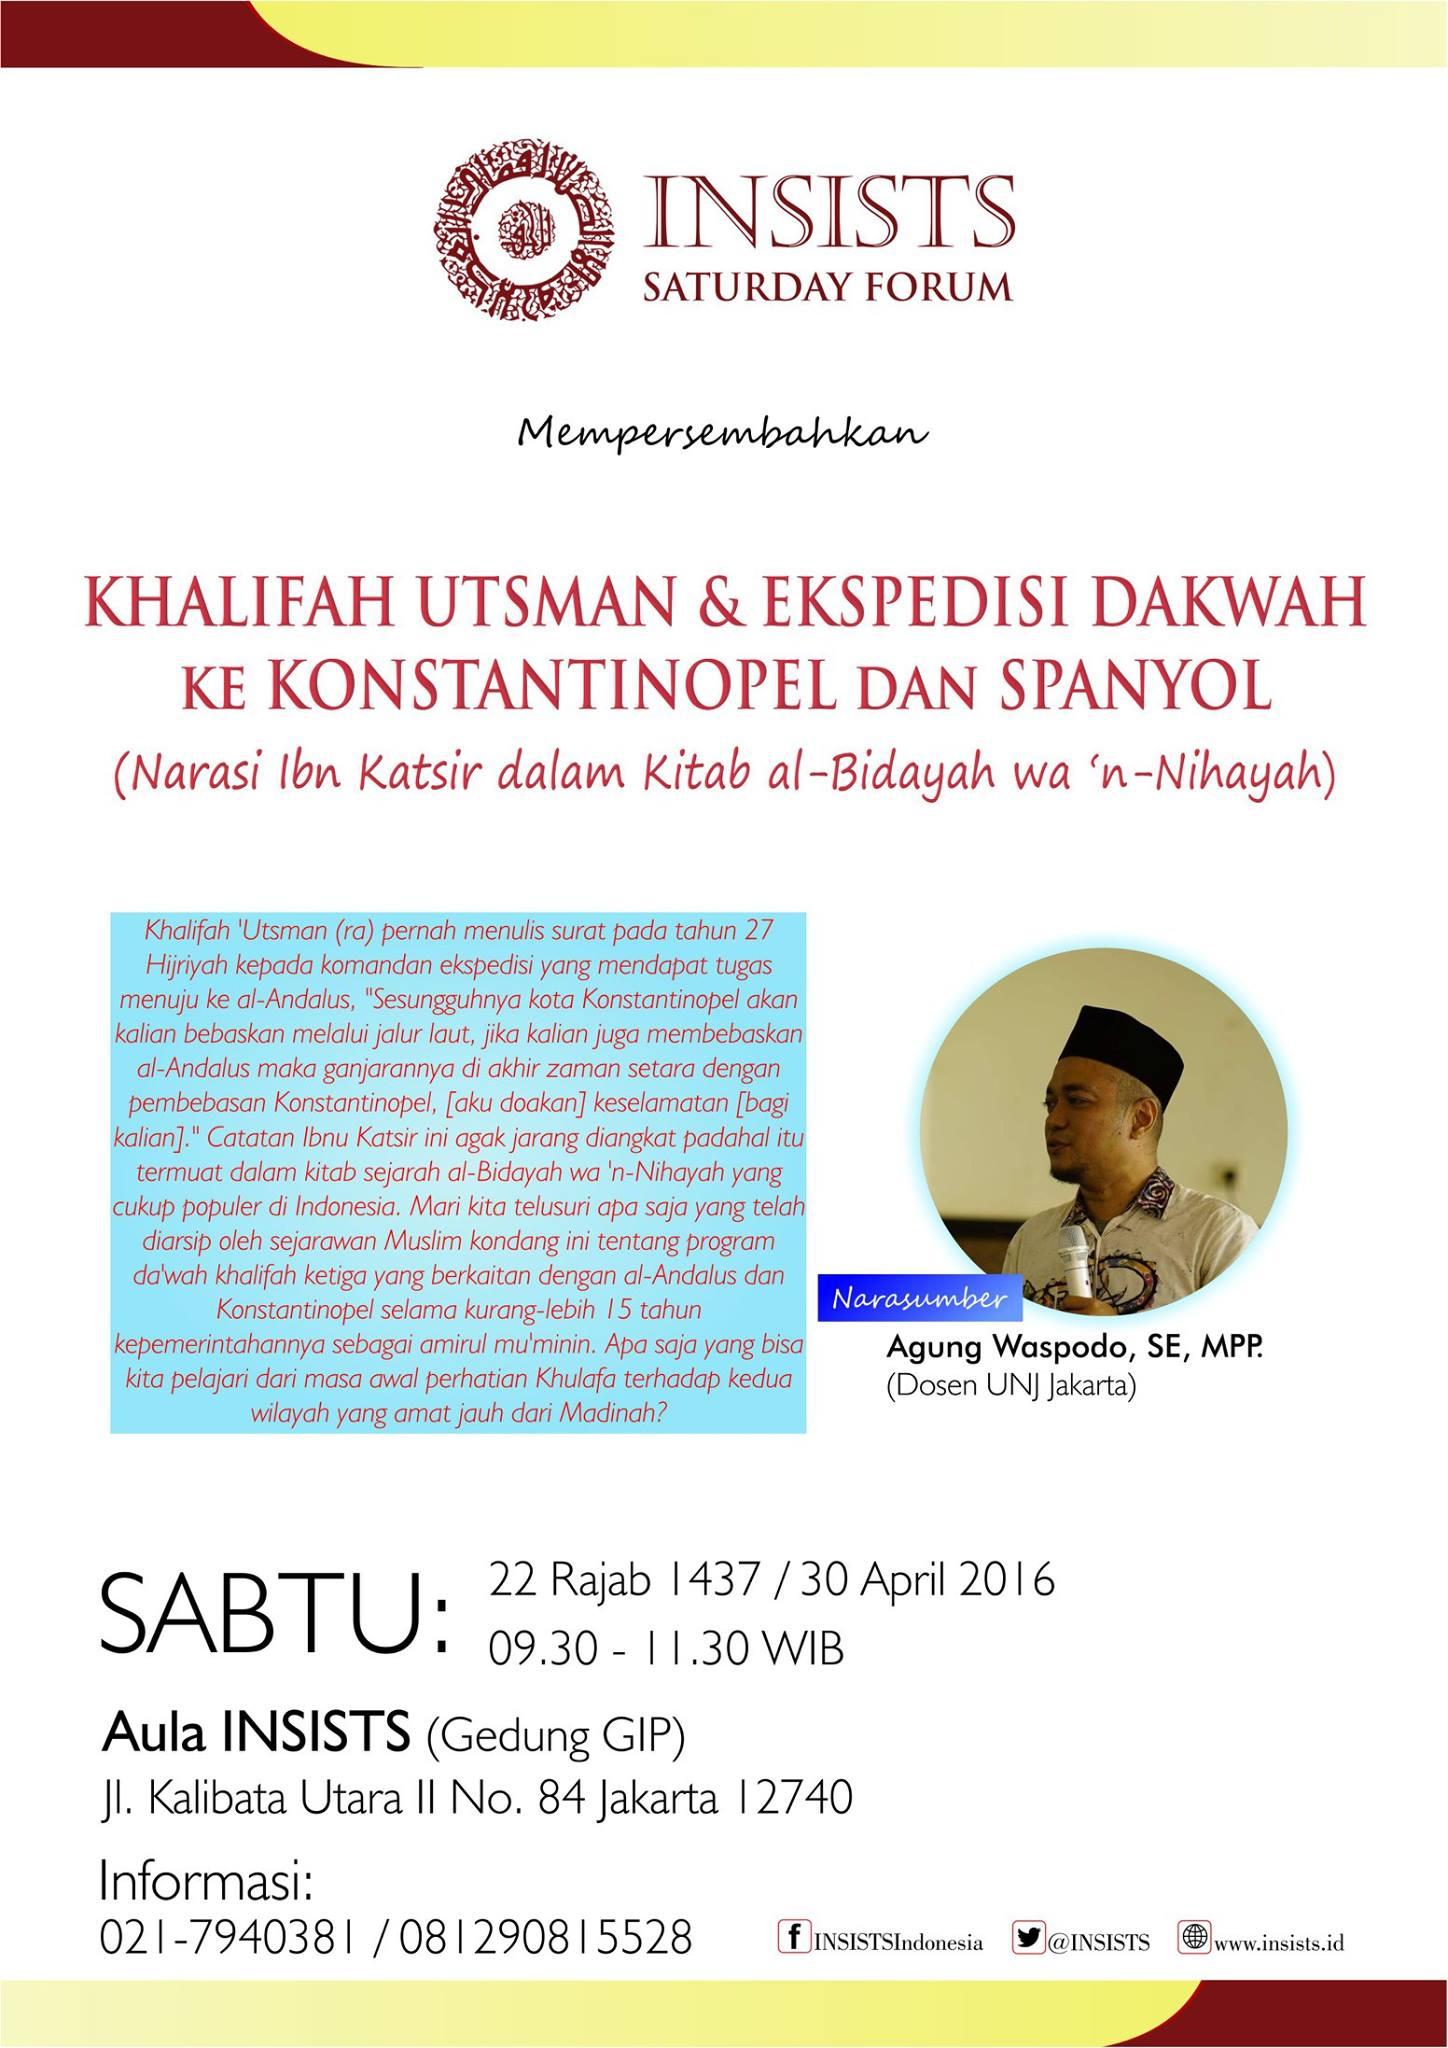 Khalifah Utsman dan Ekspedisi Dakwah ke Konstantinopel dan Spanyol